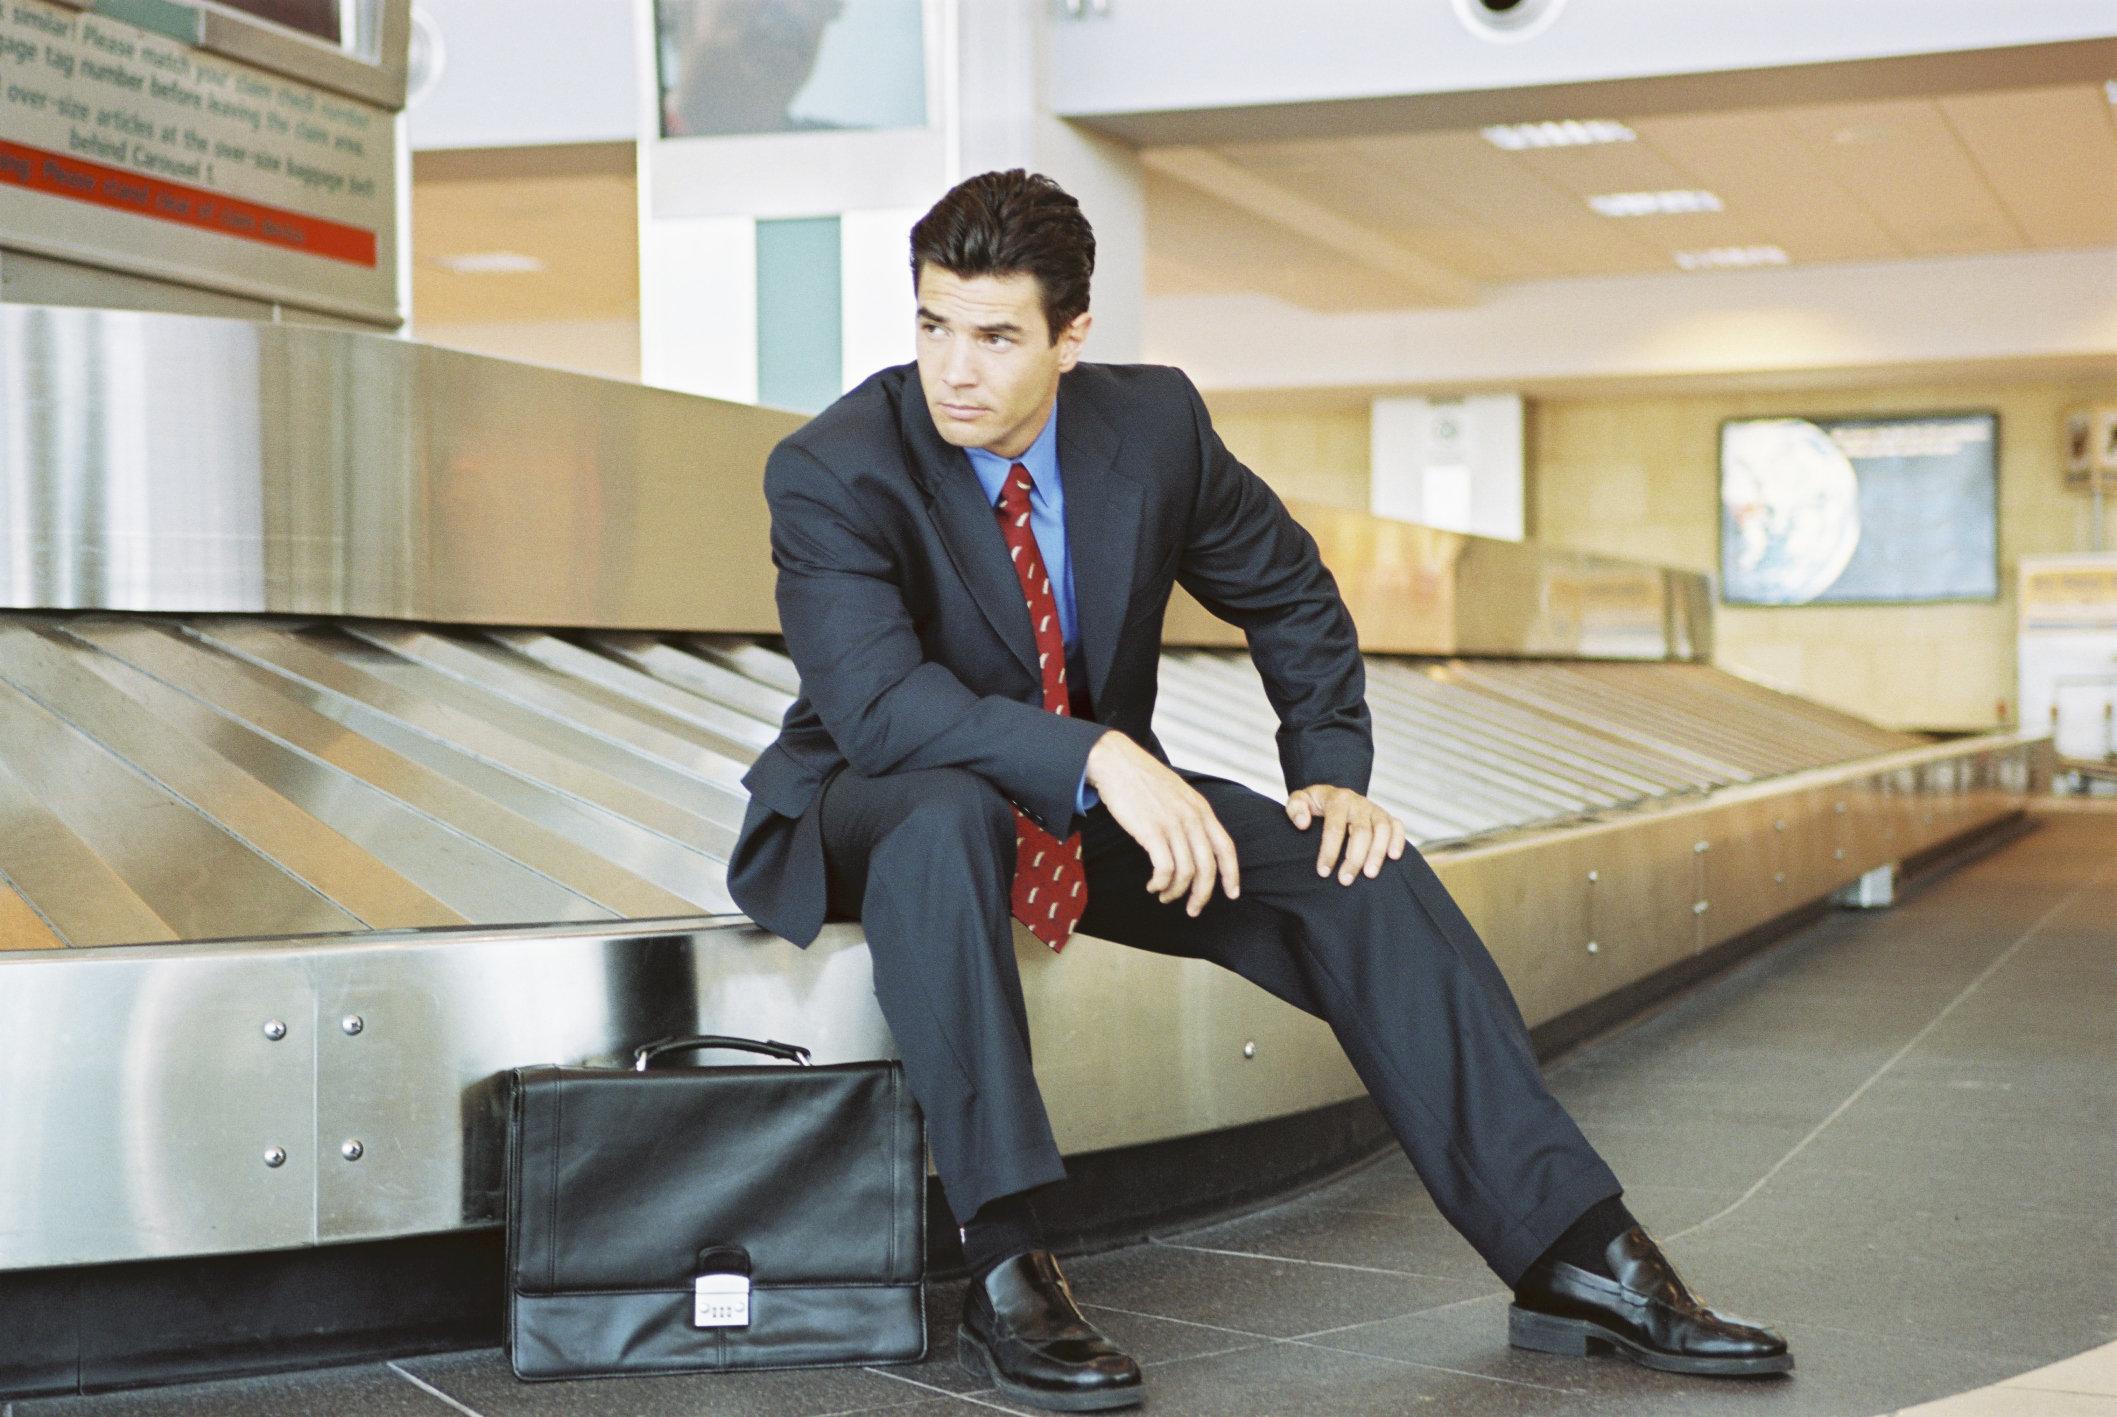 Businessman at baggage claim